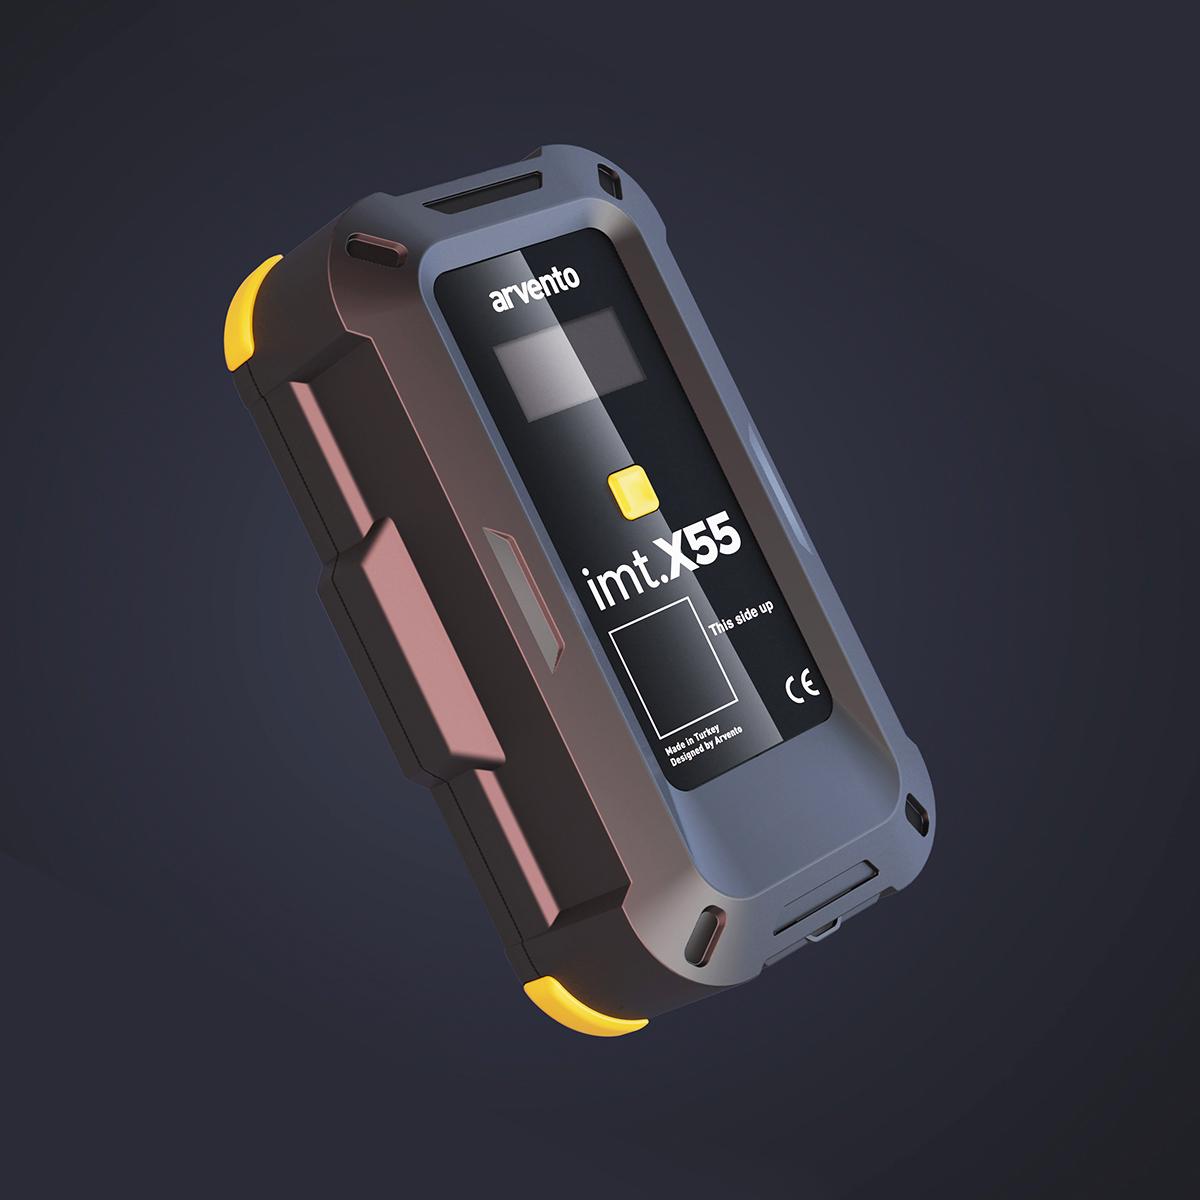 IMTx55 konteyner takip cihazı